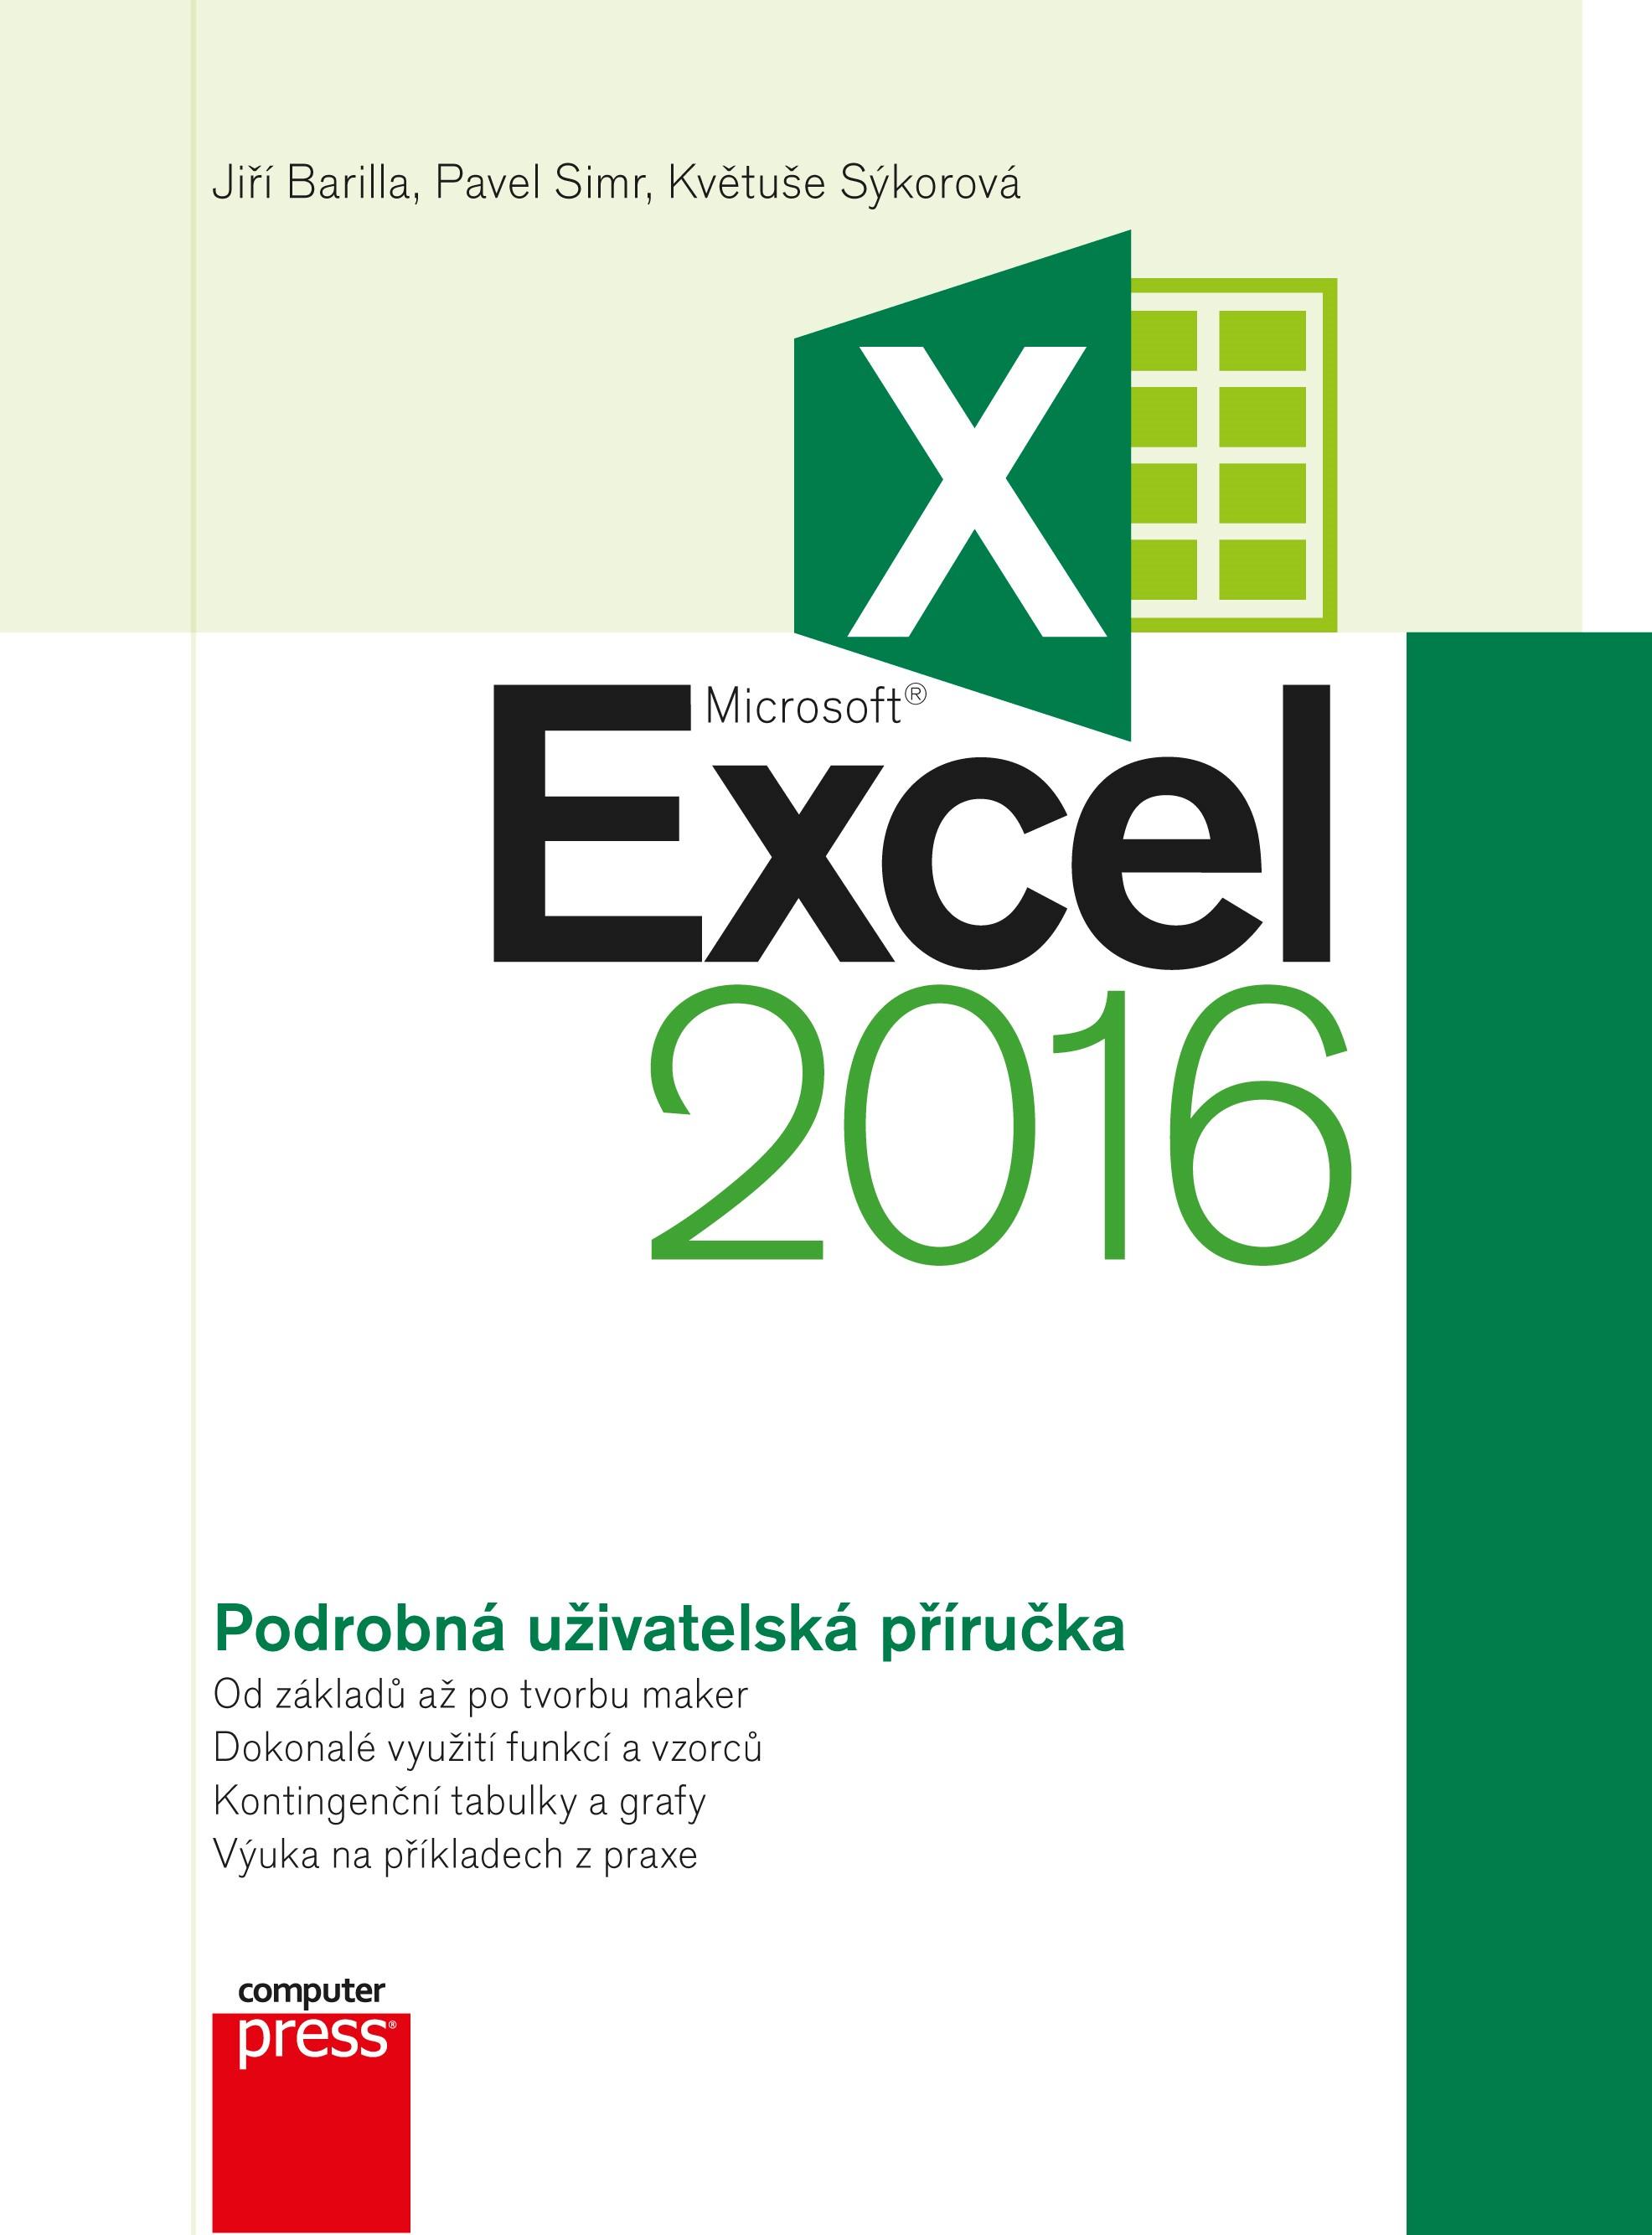 EXCEL 2016 PUP